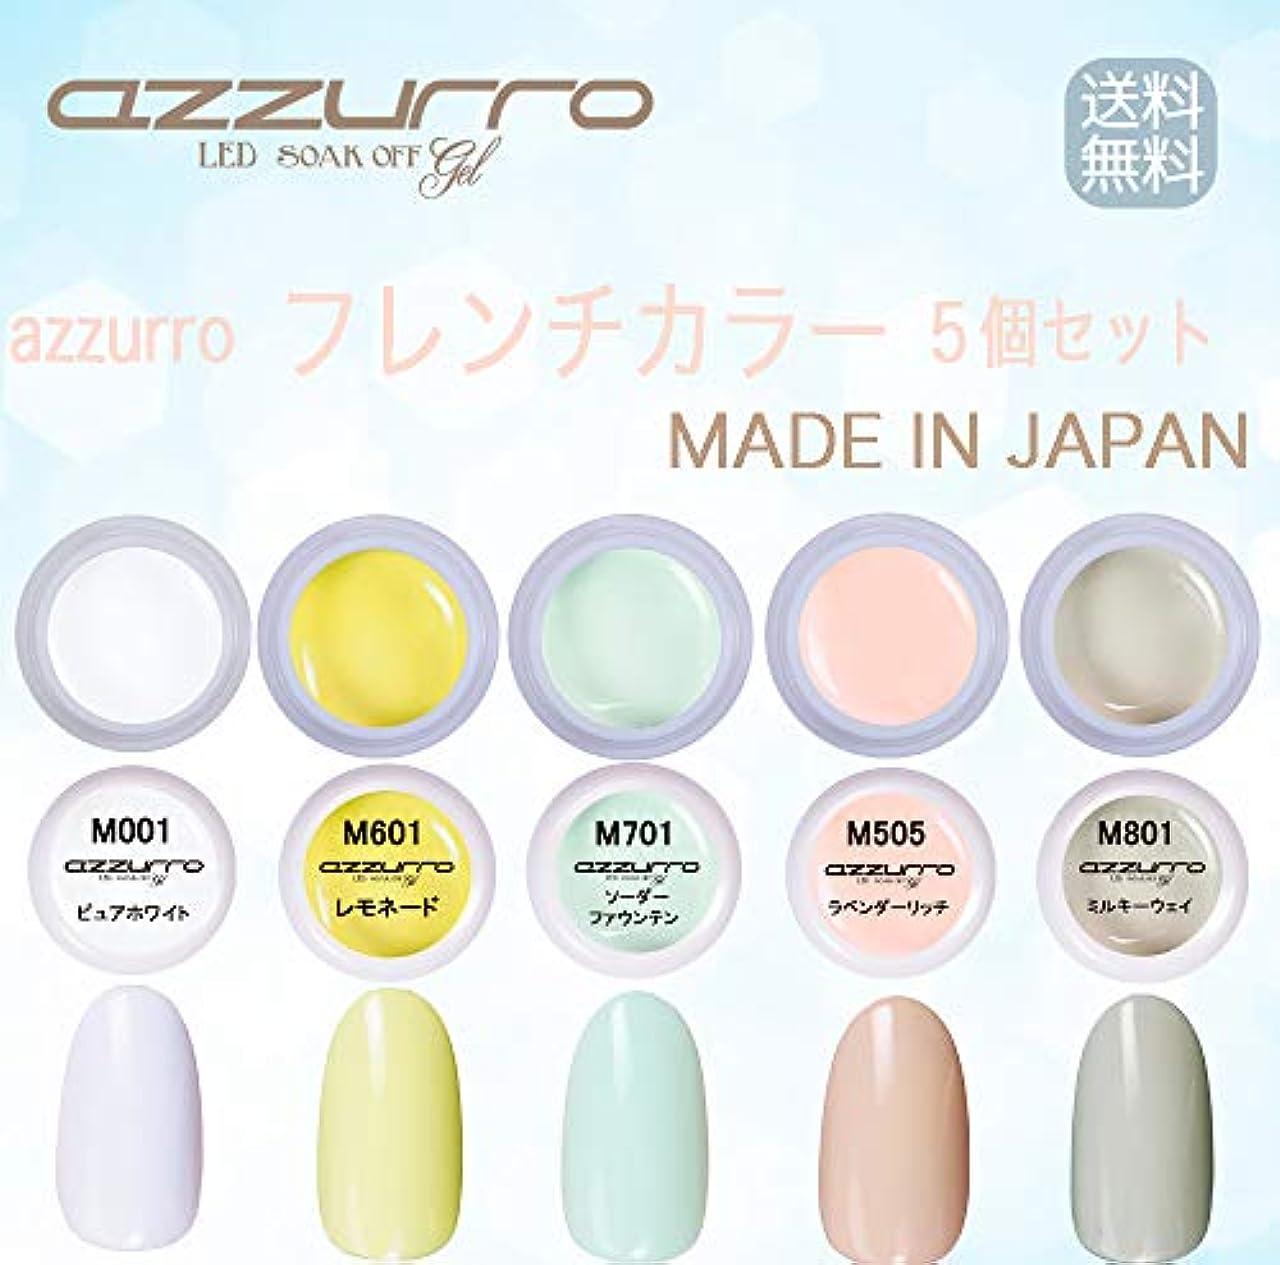 実り多い動カウント【送料無料】日本製 azzurro gel フレンチカラージェル5個セット 春にピッタリでかわいいフレンチネイルにピッタリなカラー